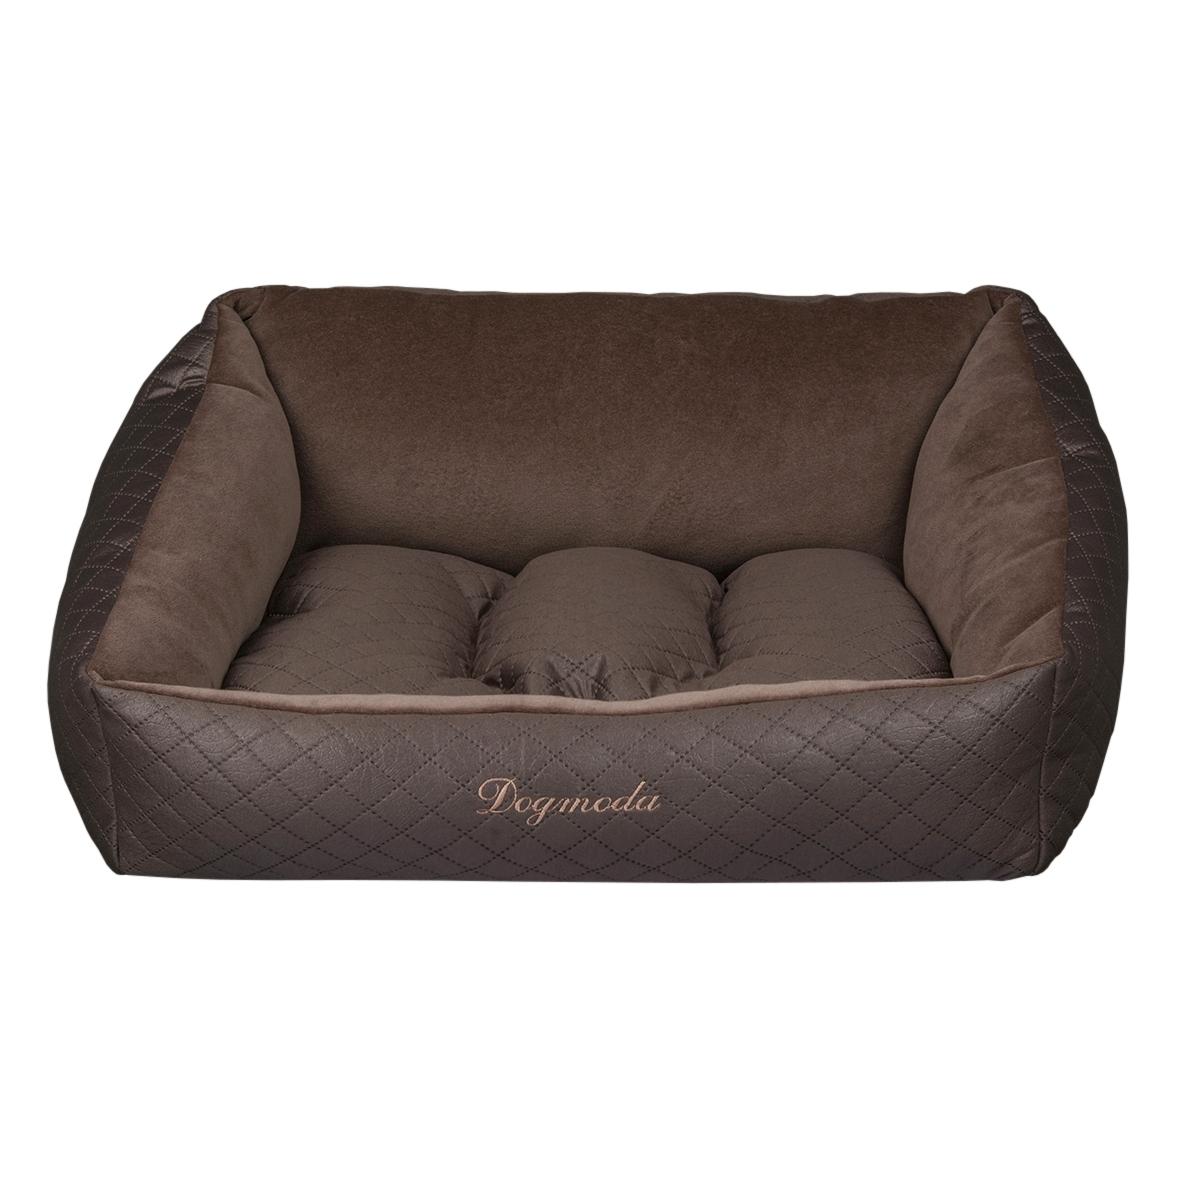 Лежак Dogmoda Шоколад-1 для собакиDM-160113-1Роскошный, уютный и стильный лежак Шоколад станет излюбленным местом отдыха для Вашего питомца.